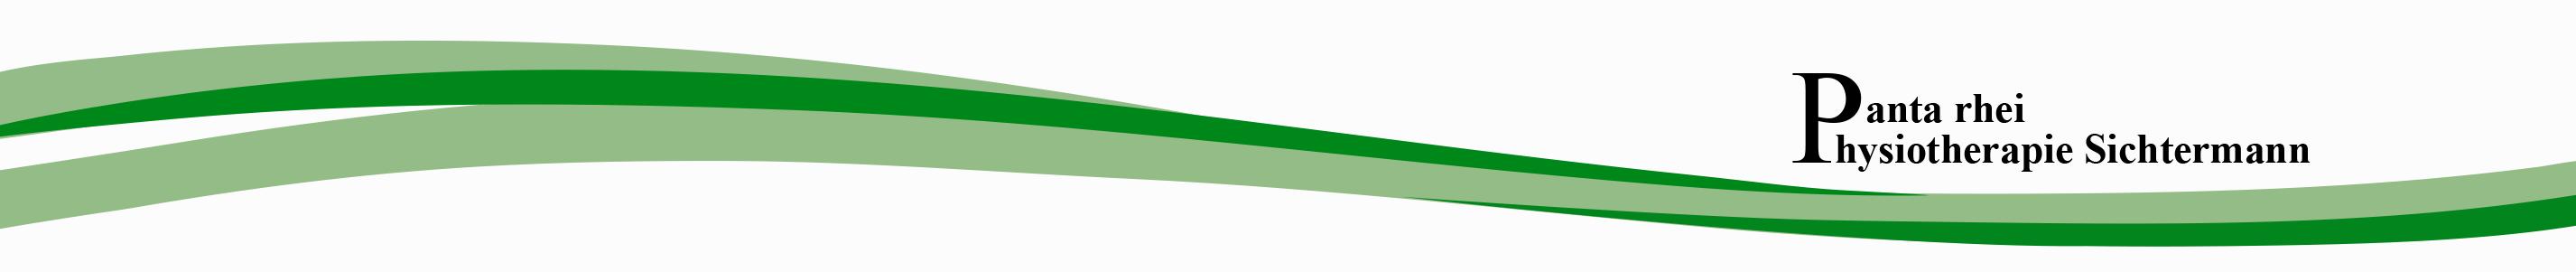 Logo Panta rhei aktiv